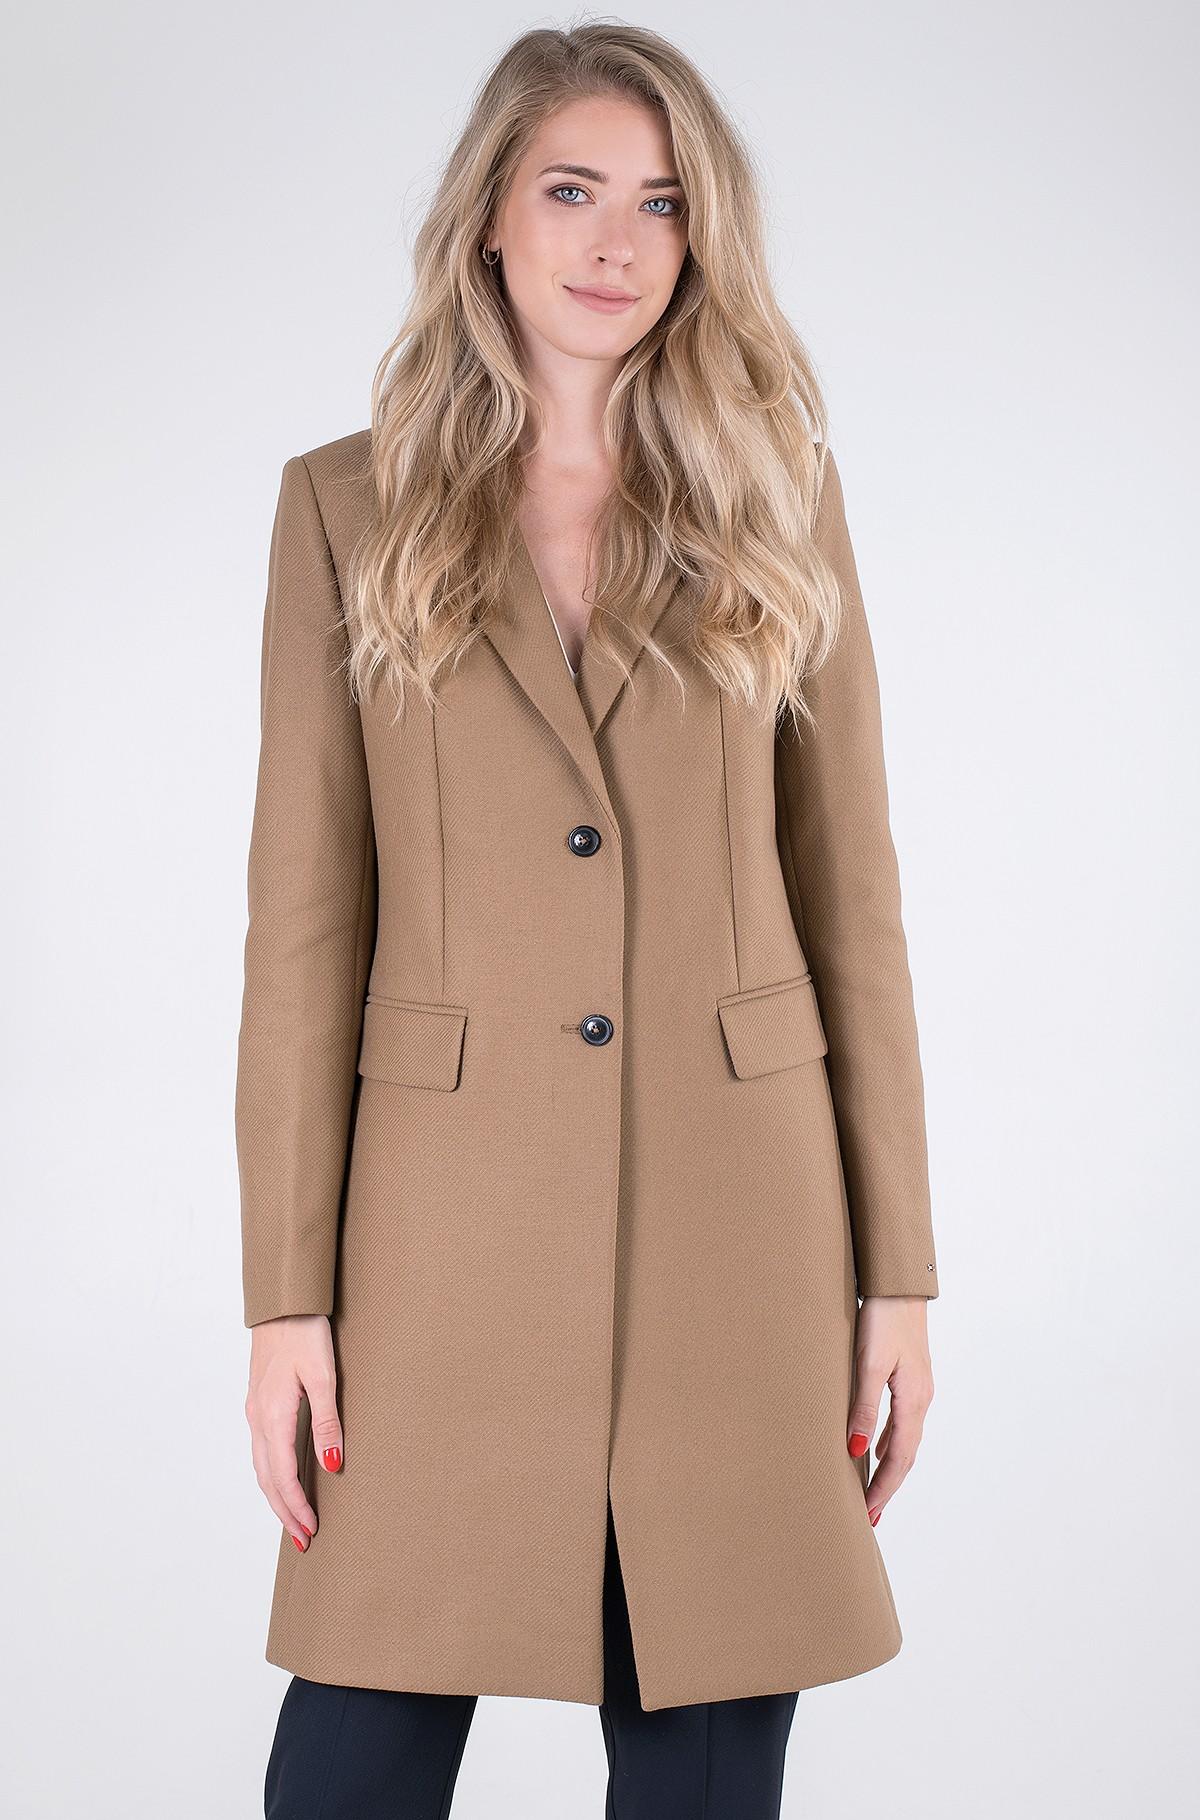 Mantel TH ESS WOOL BLEND CLASSIC COAT-full-1